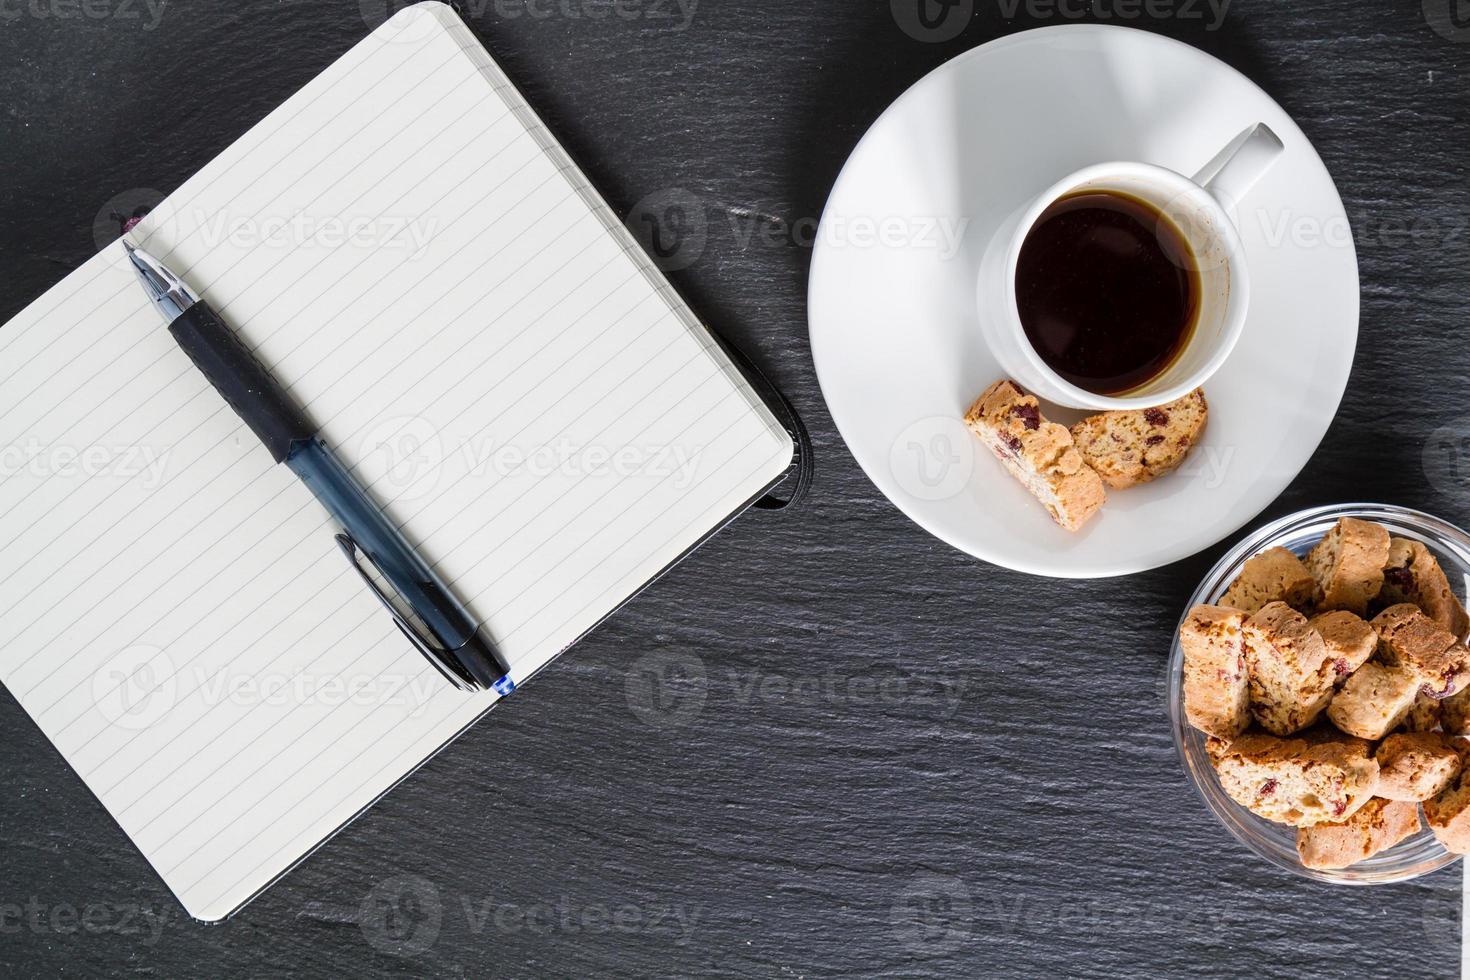 incontro di lavoro - caffè, biscotti, blocco note, penna, foto